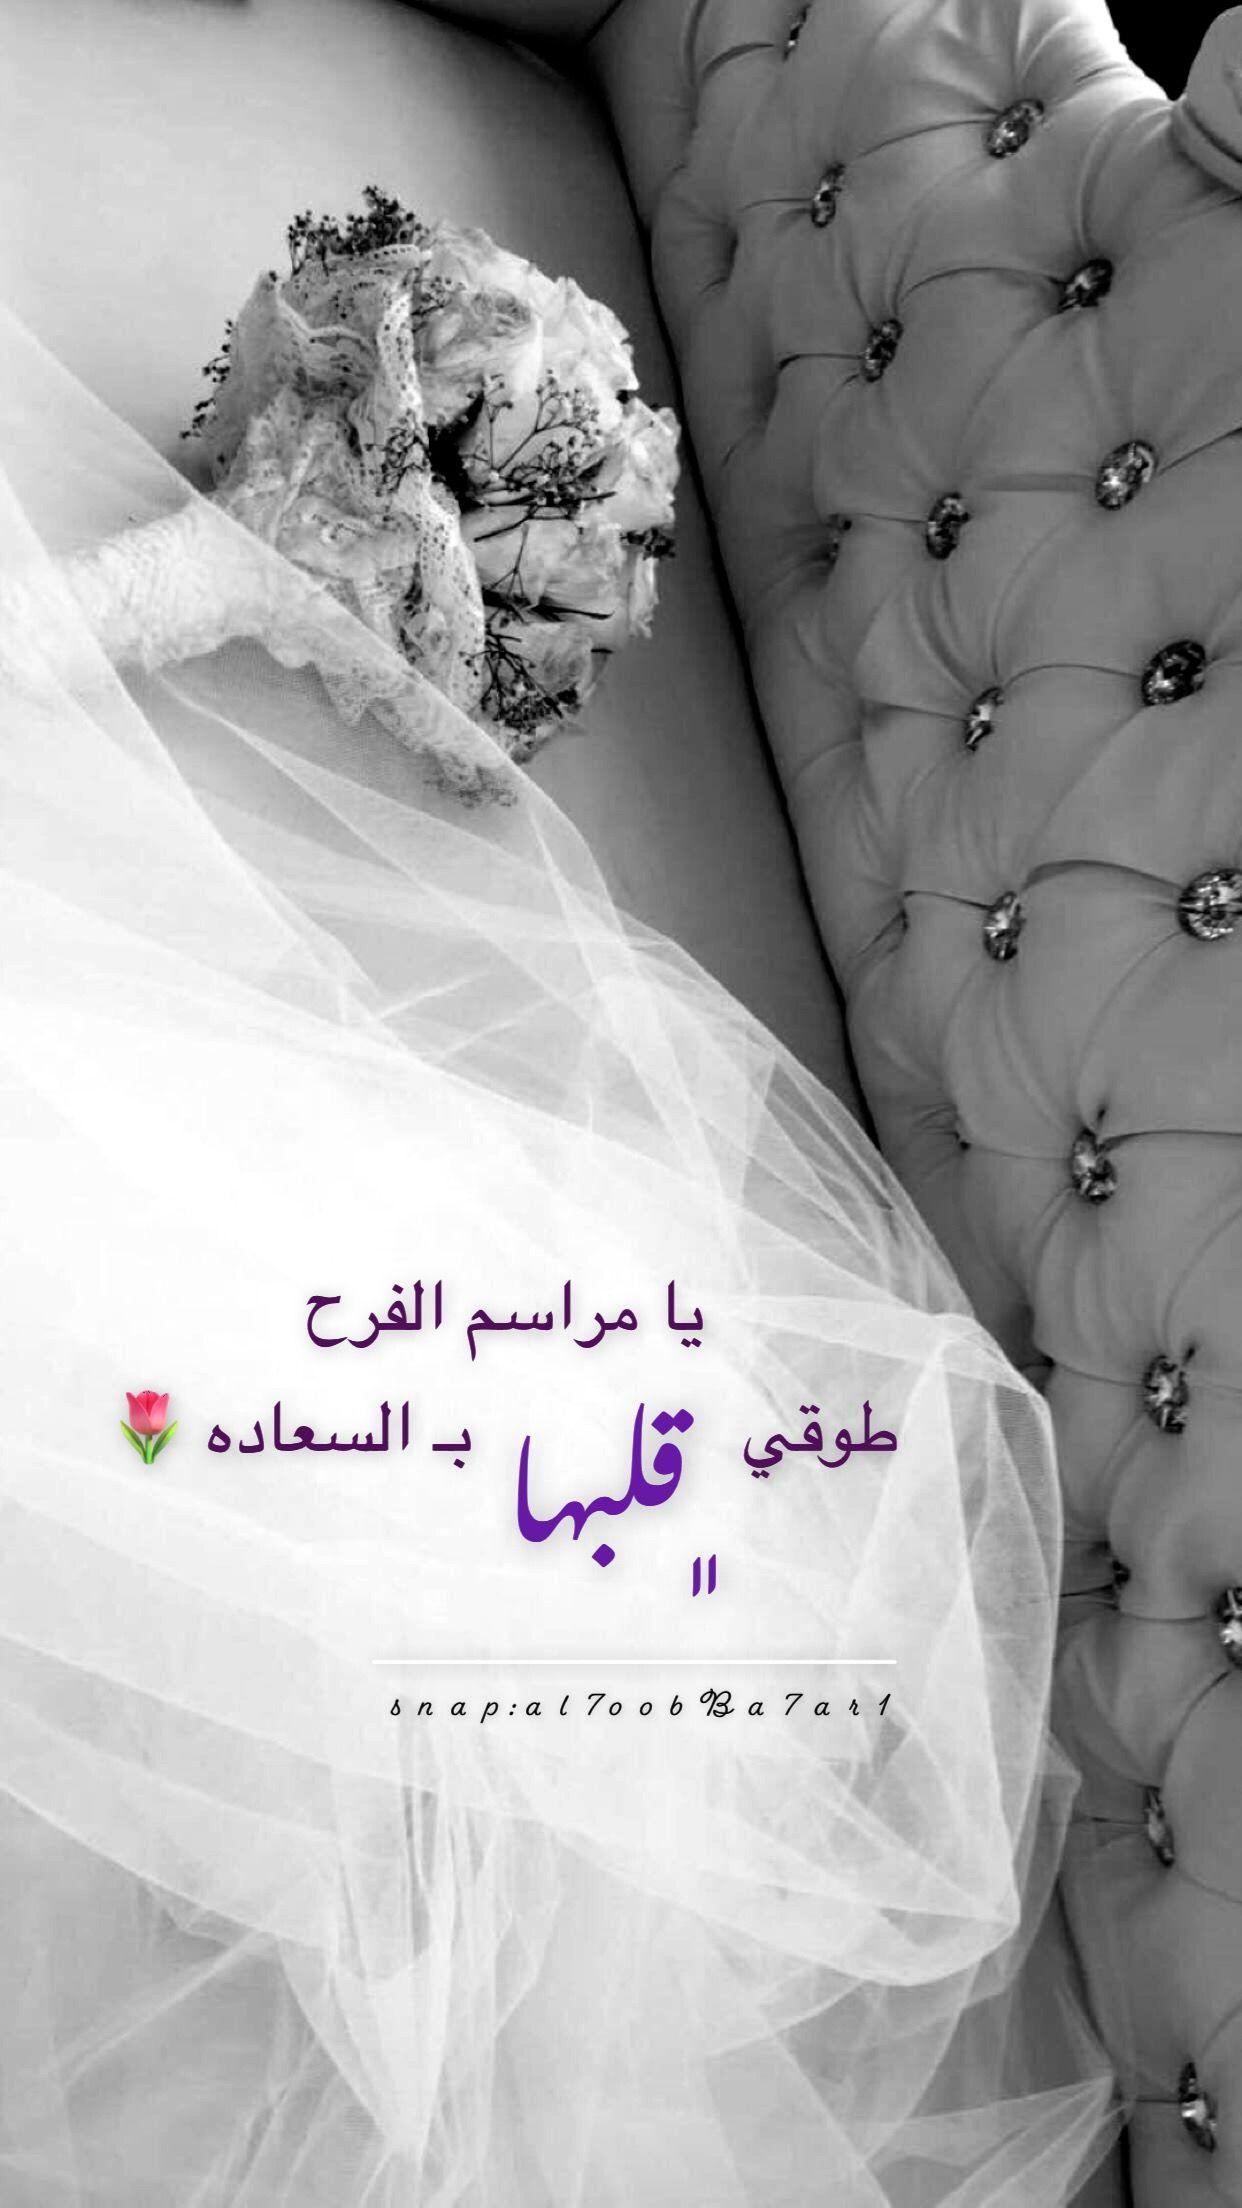 همسة يا مراسم الفرح طوقي قلبها بـ السعاده تصويري تصويري سناب تصميمي تصميم Wedding Cards Images Love Quotes For Wedding Luxury Wedding Decor